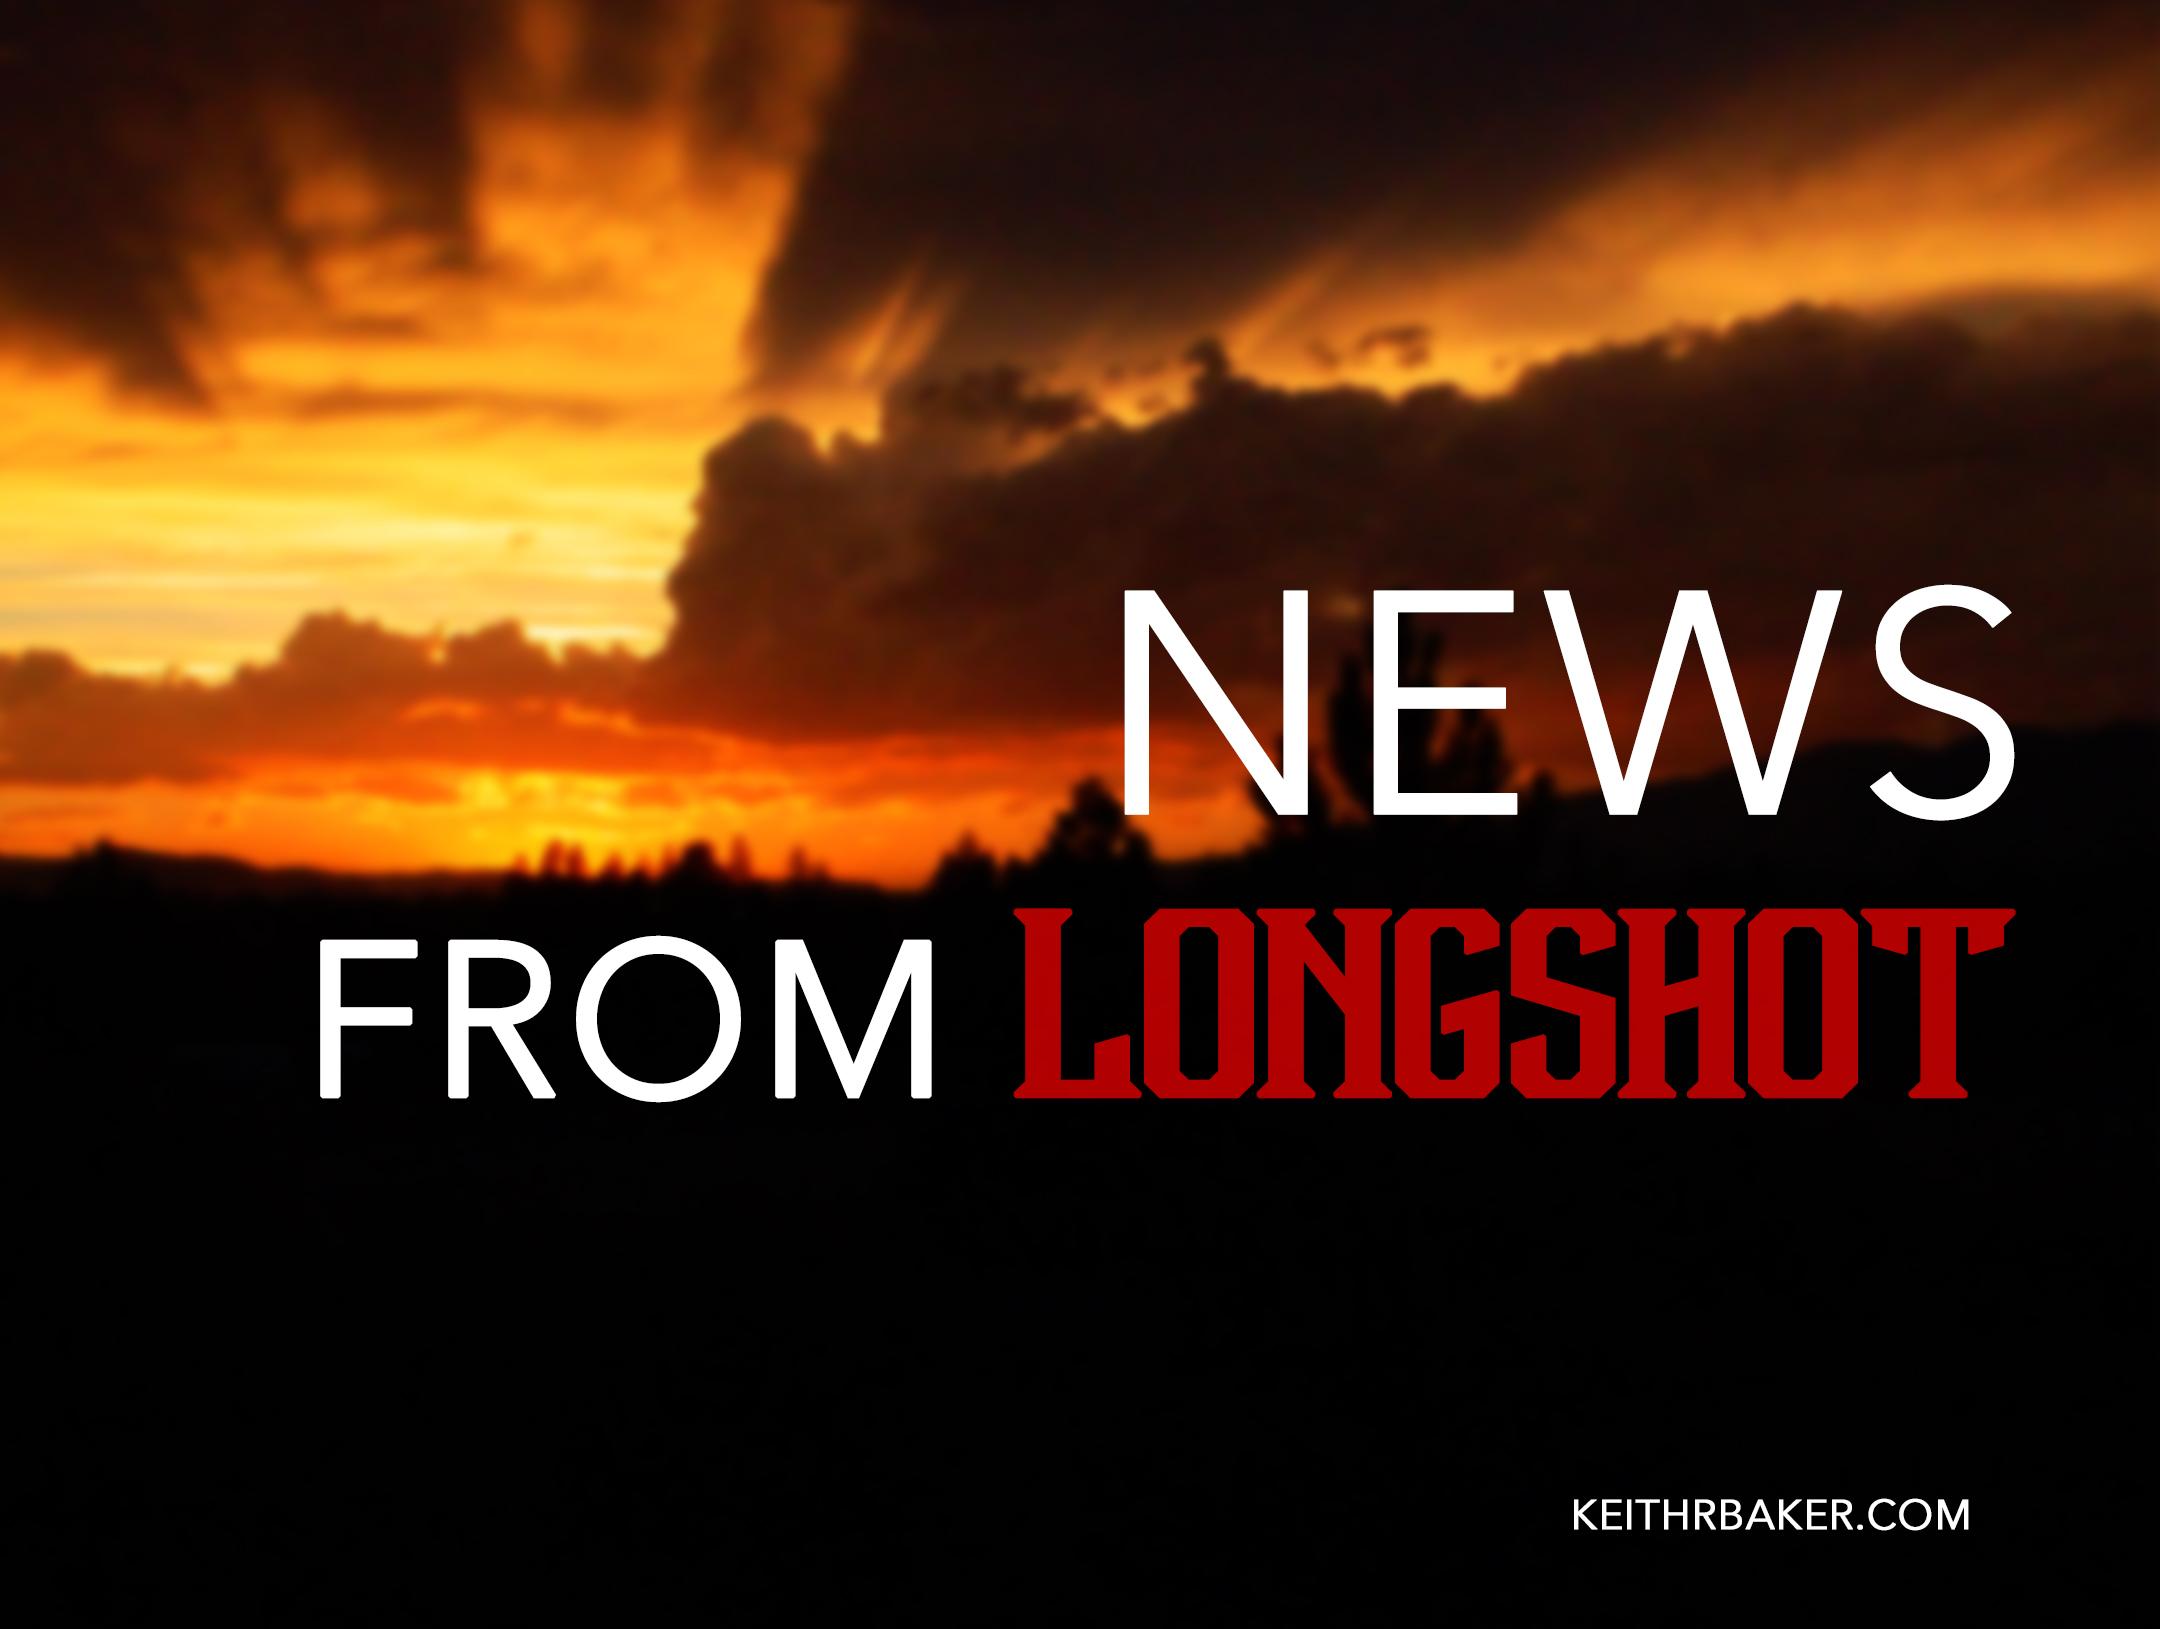 News from Longshot || KeithRBaker.com